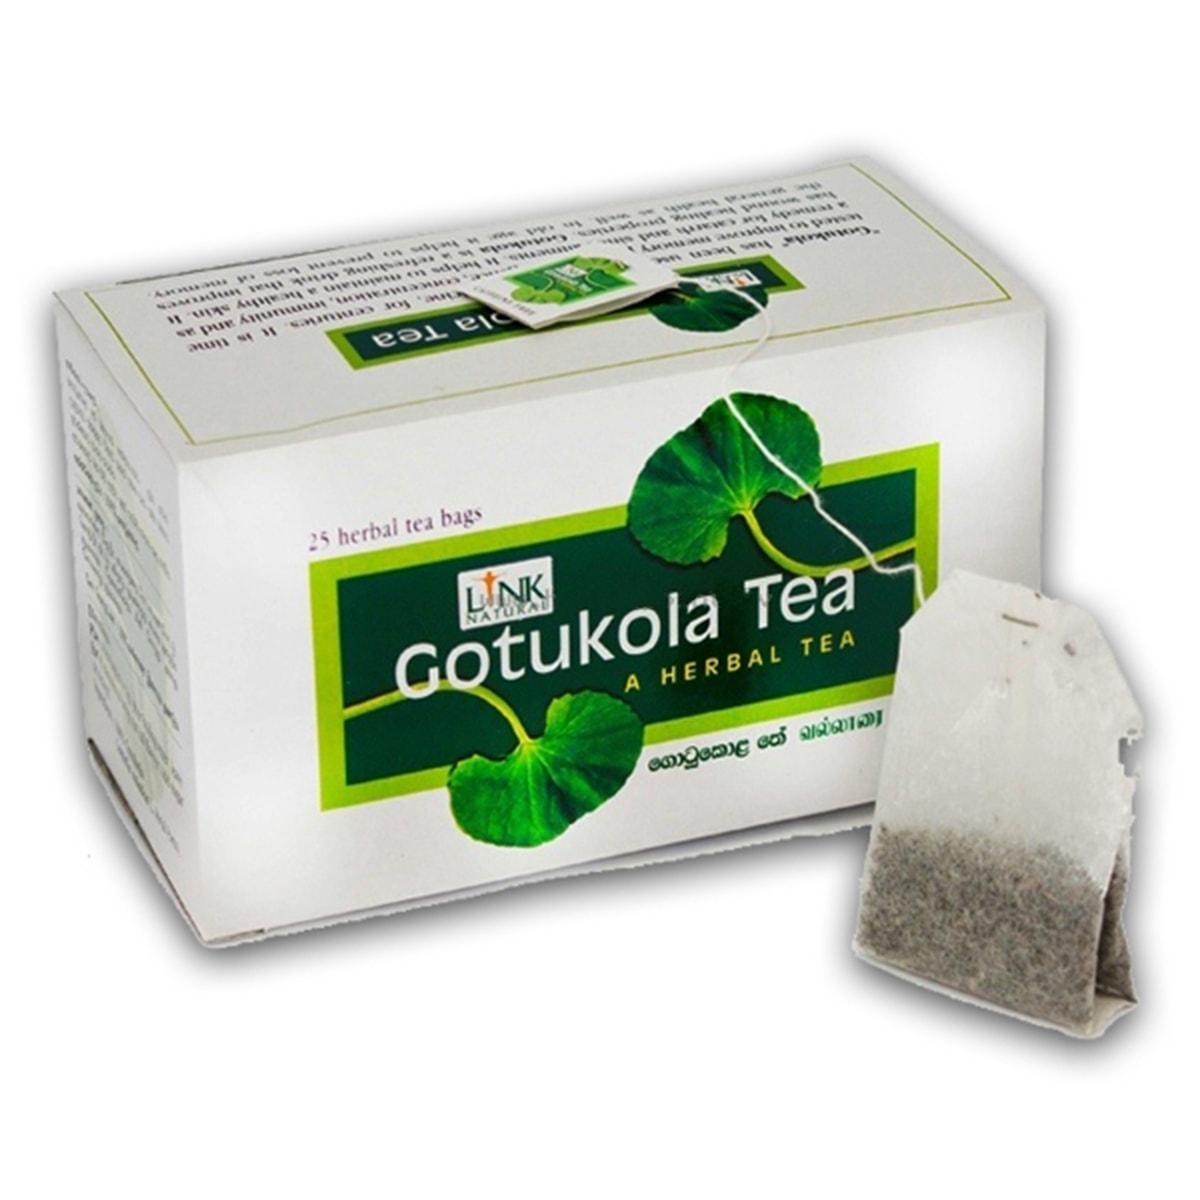 Buy Link Natural Gotukola Tea Bags(A Herbal Tea) - 37.5 gm